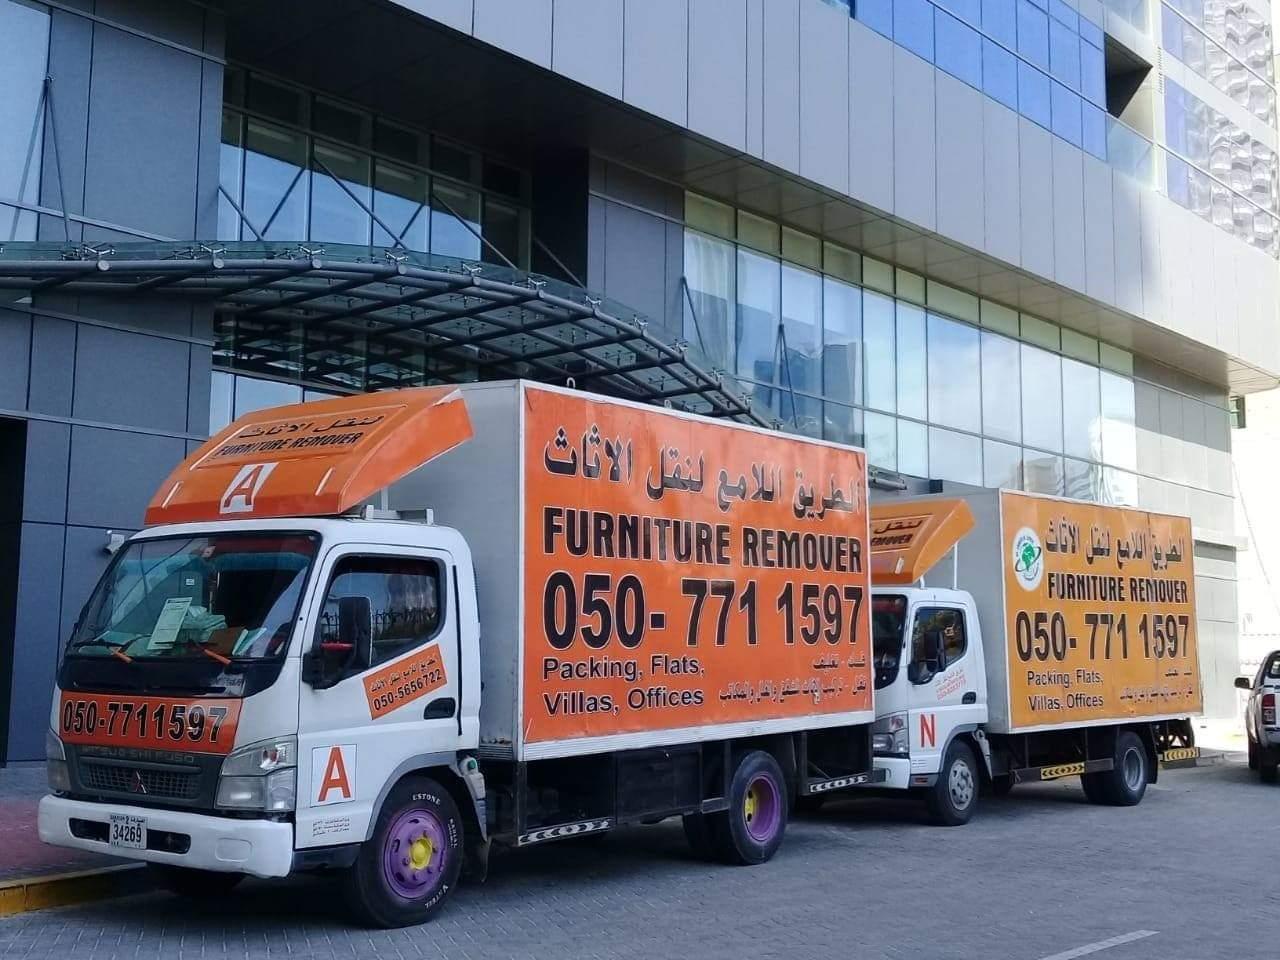 نقل اثاث الرويس - شركة متخصصة بنقل الاثاث في الرويس